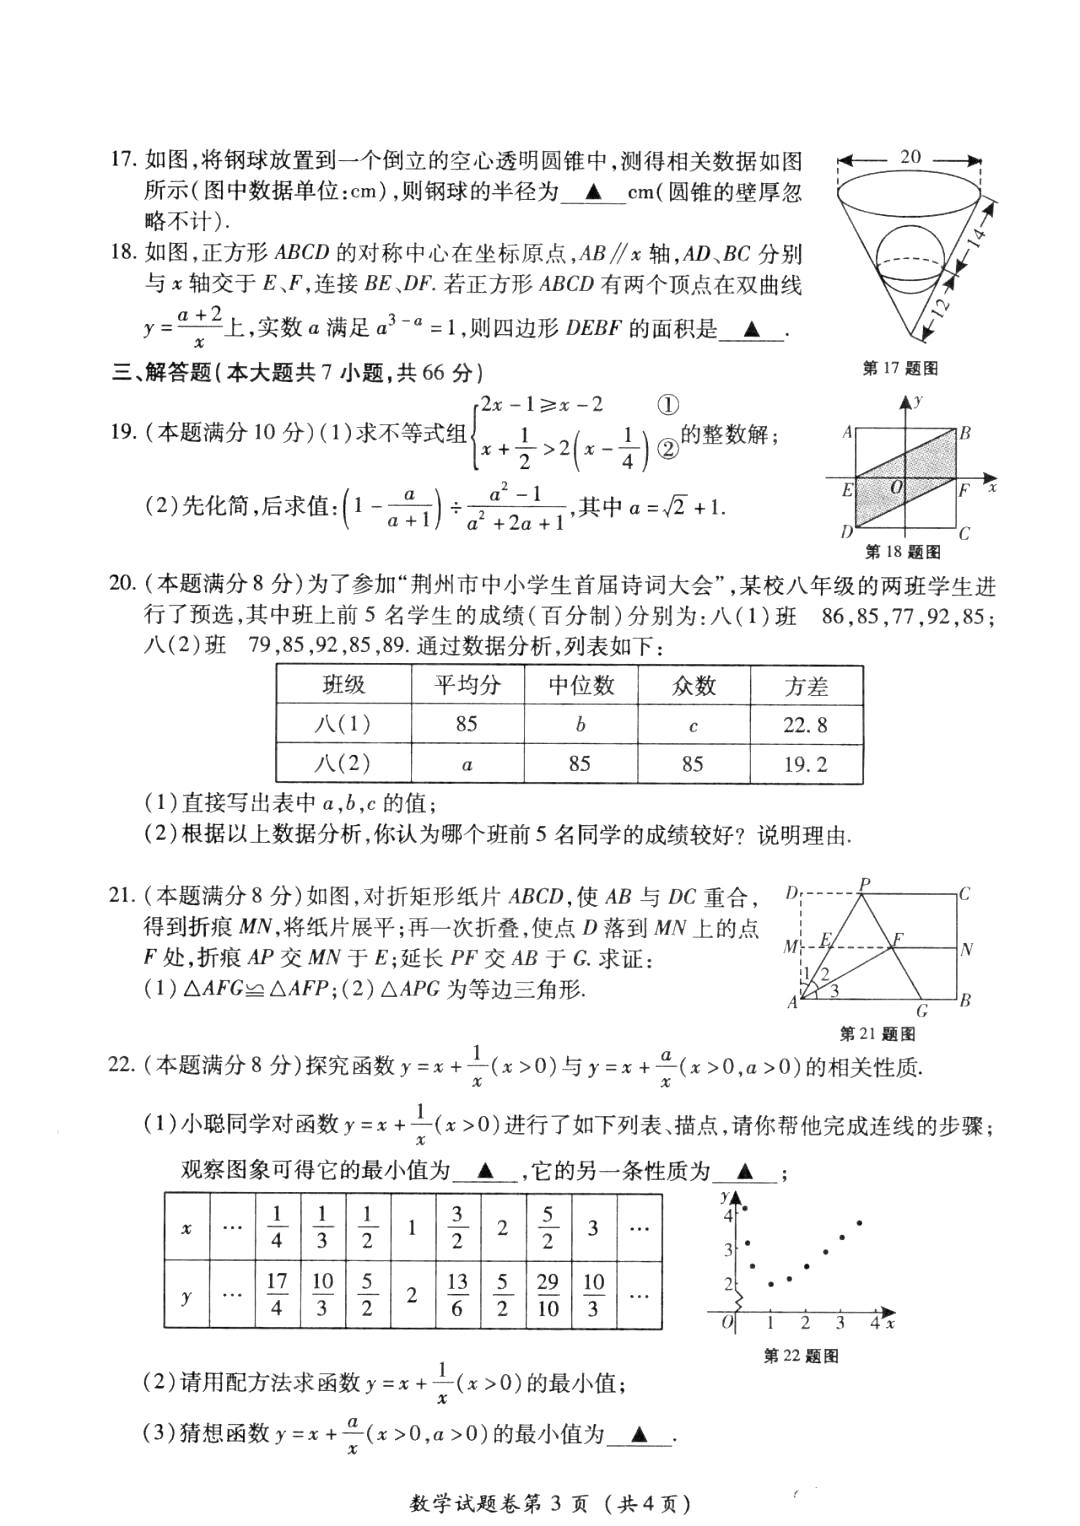 2018年湖北荆州中考数学真题及答案已公布